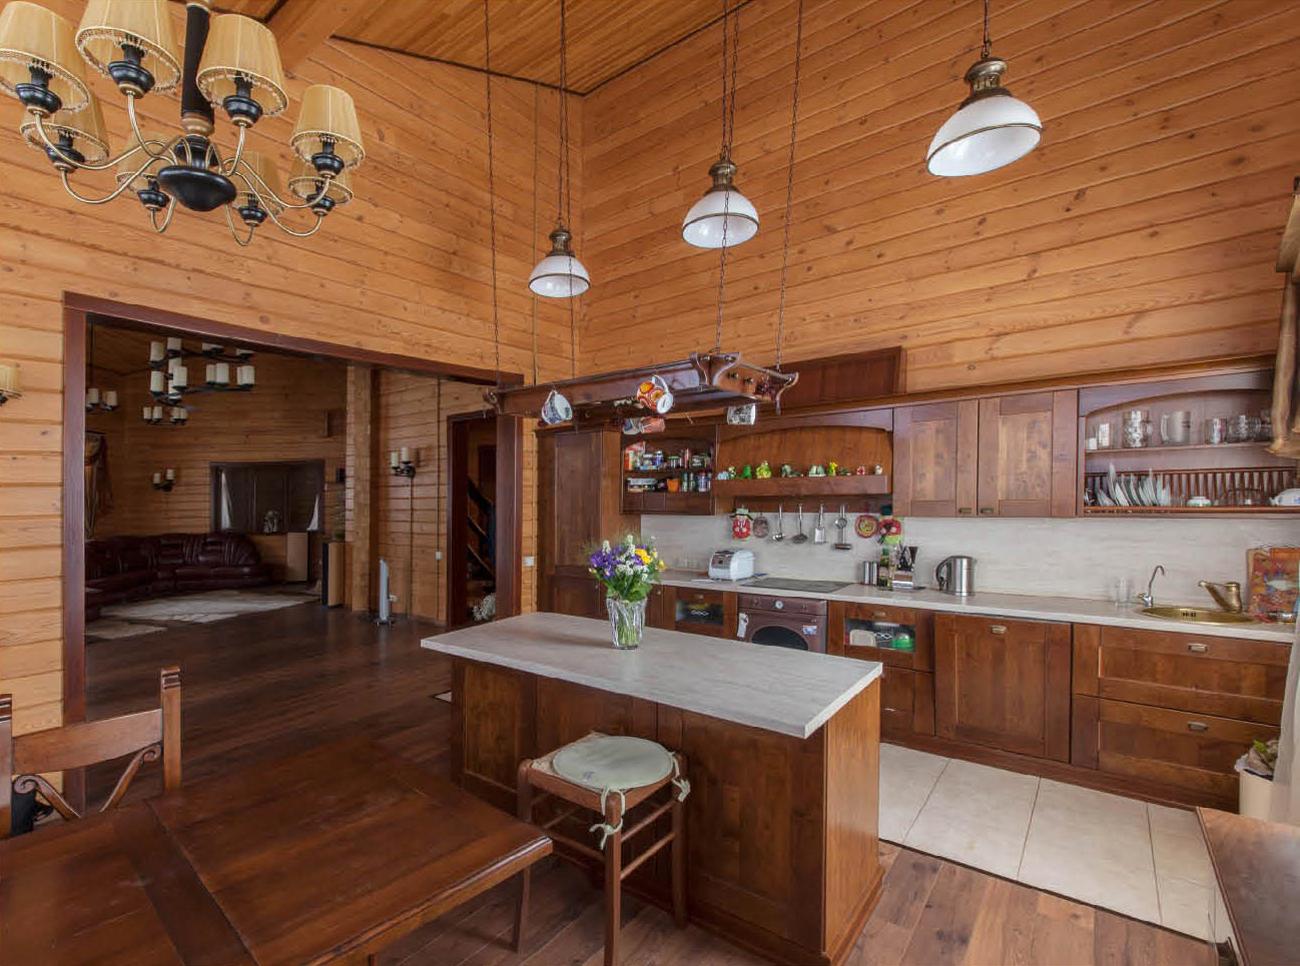 Дизайн кухни на даче фото из вагонки.